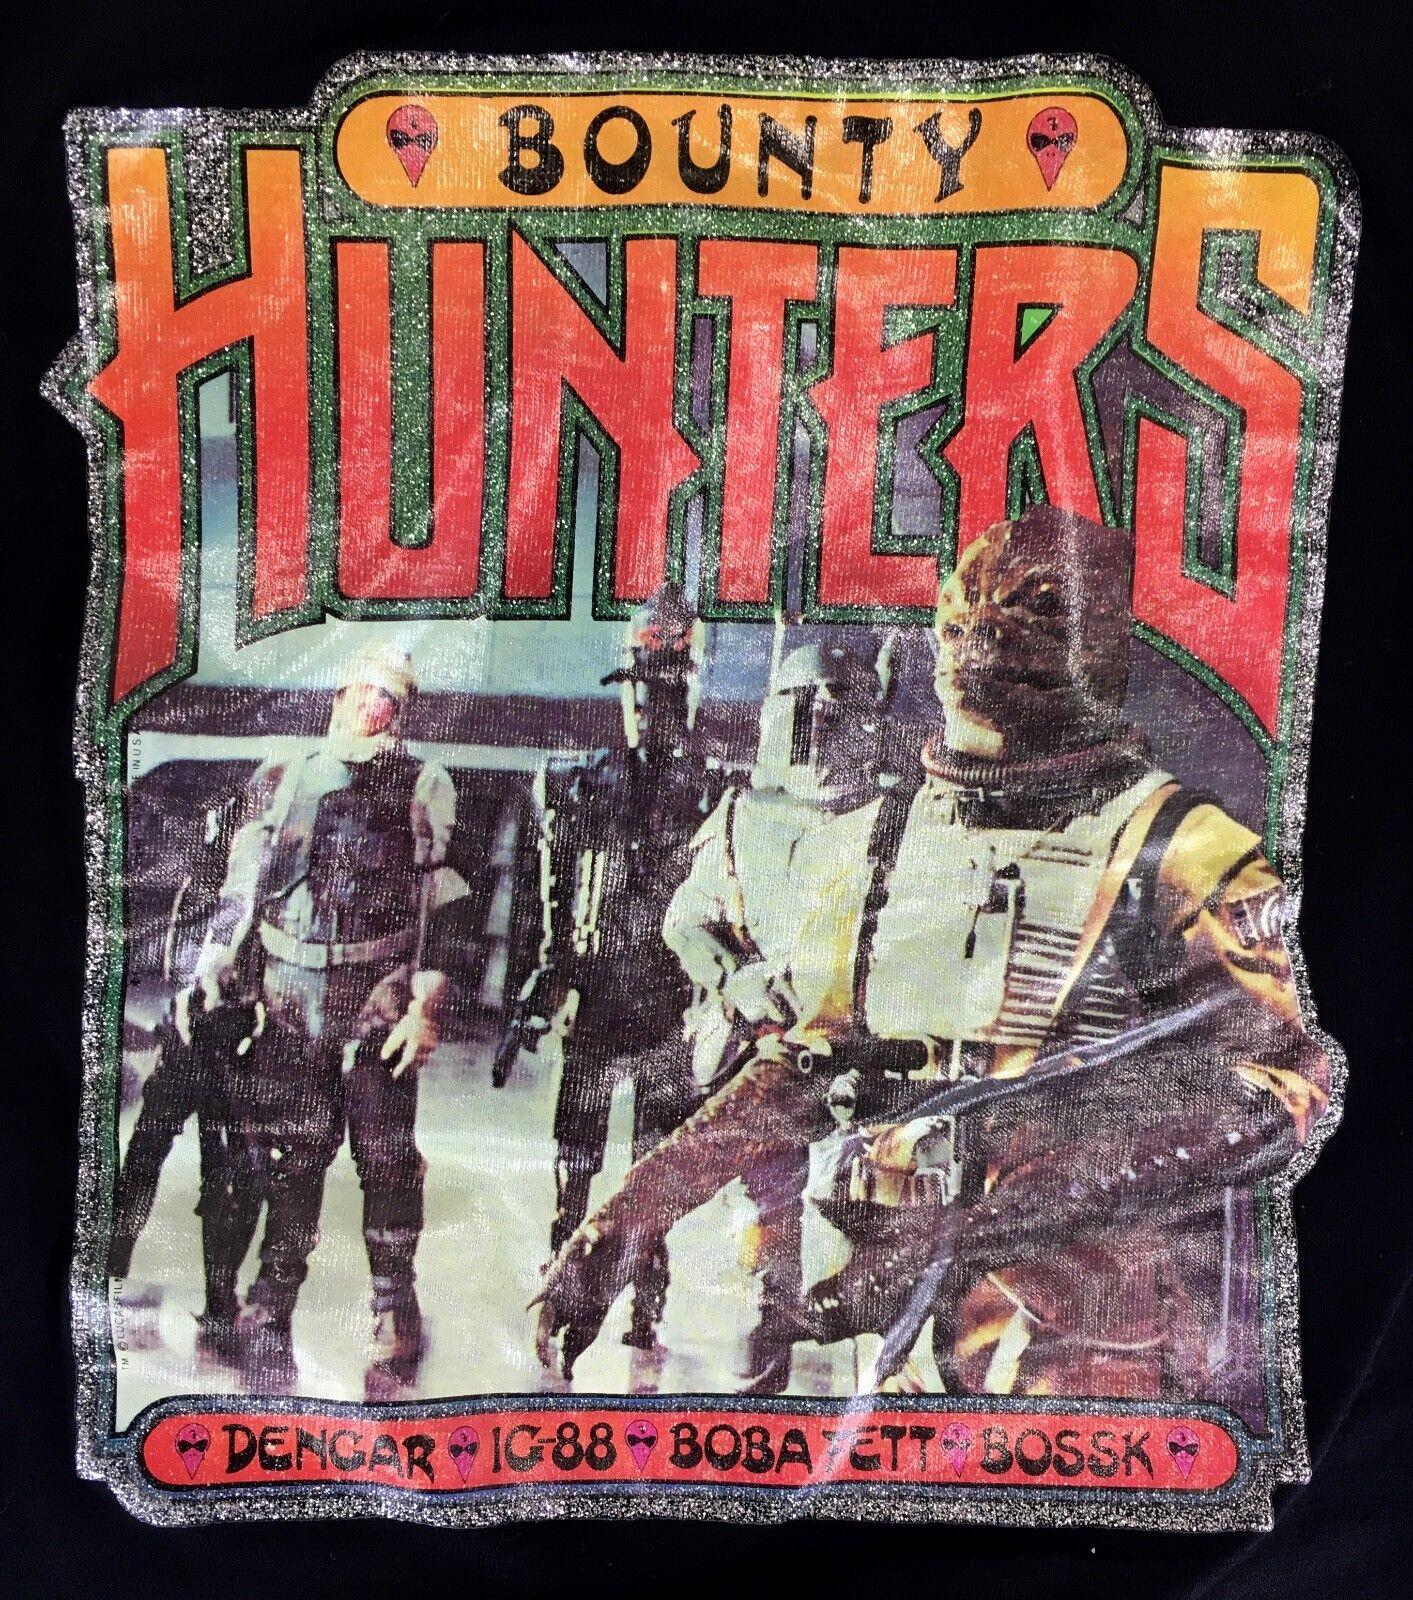 1980 STAR WARS Vintage T-SHIRT Bounty Hunters Sz M Boba Fett IG-88 Bossk Dengar